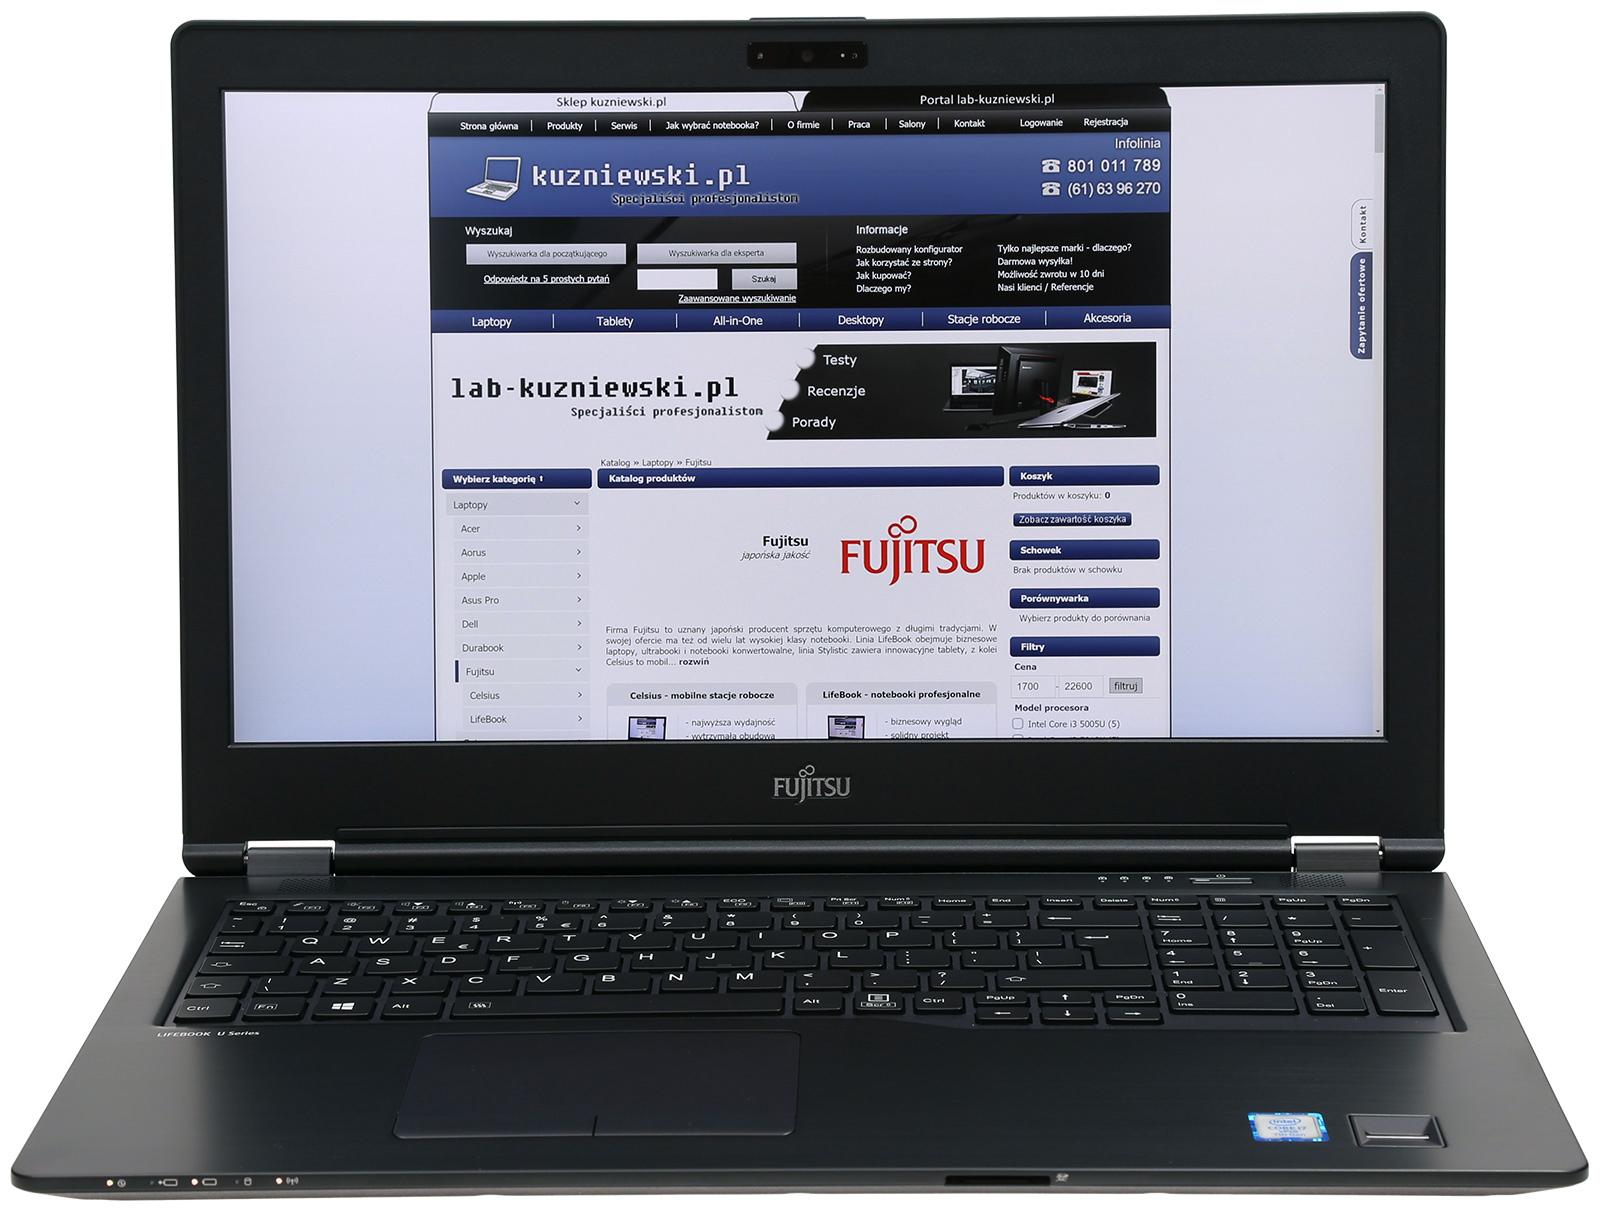 Laptopy z podświetlaną klawiaturą :: kuzniewski.pl